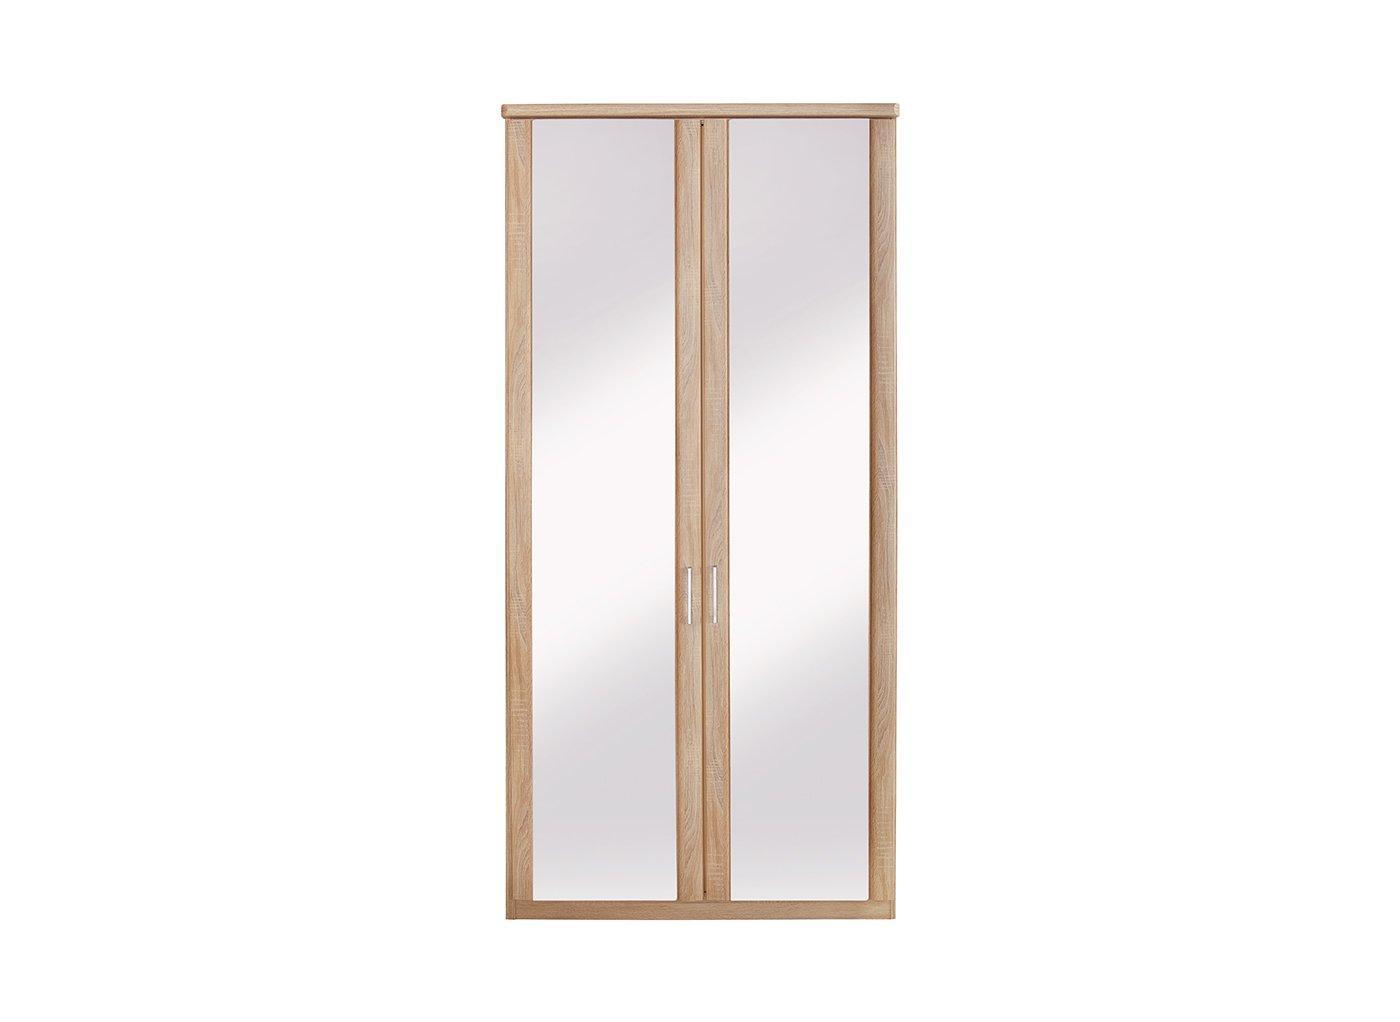 florida-2-mirror-door-walk-in-corner-unit